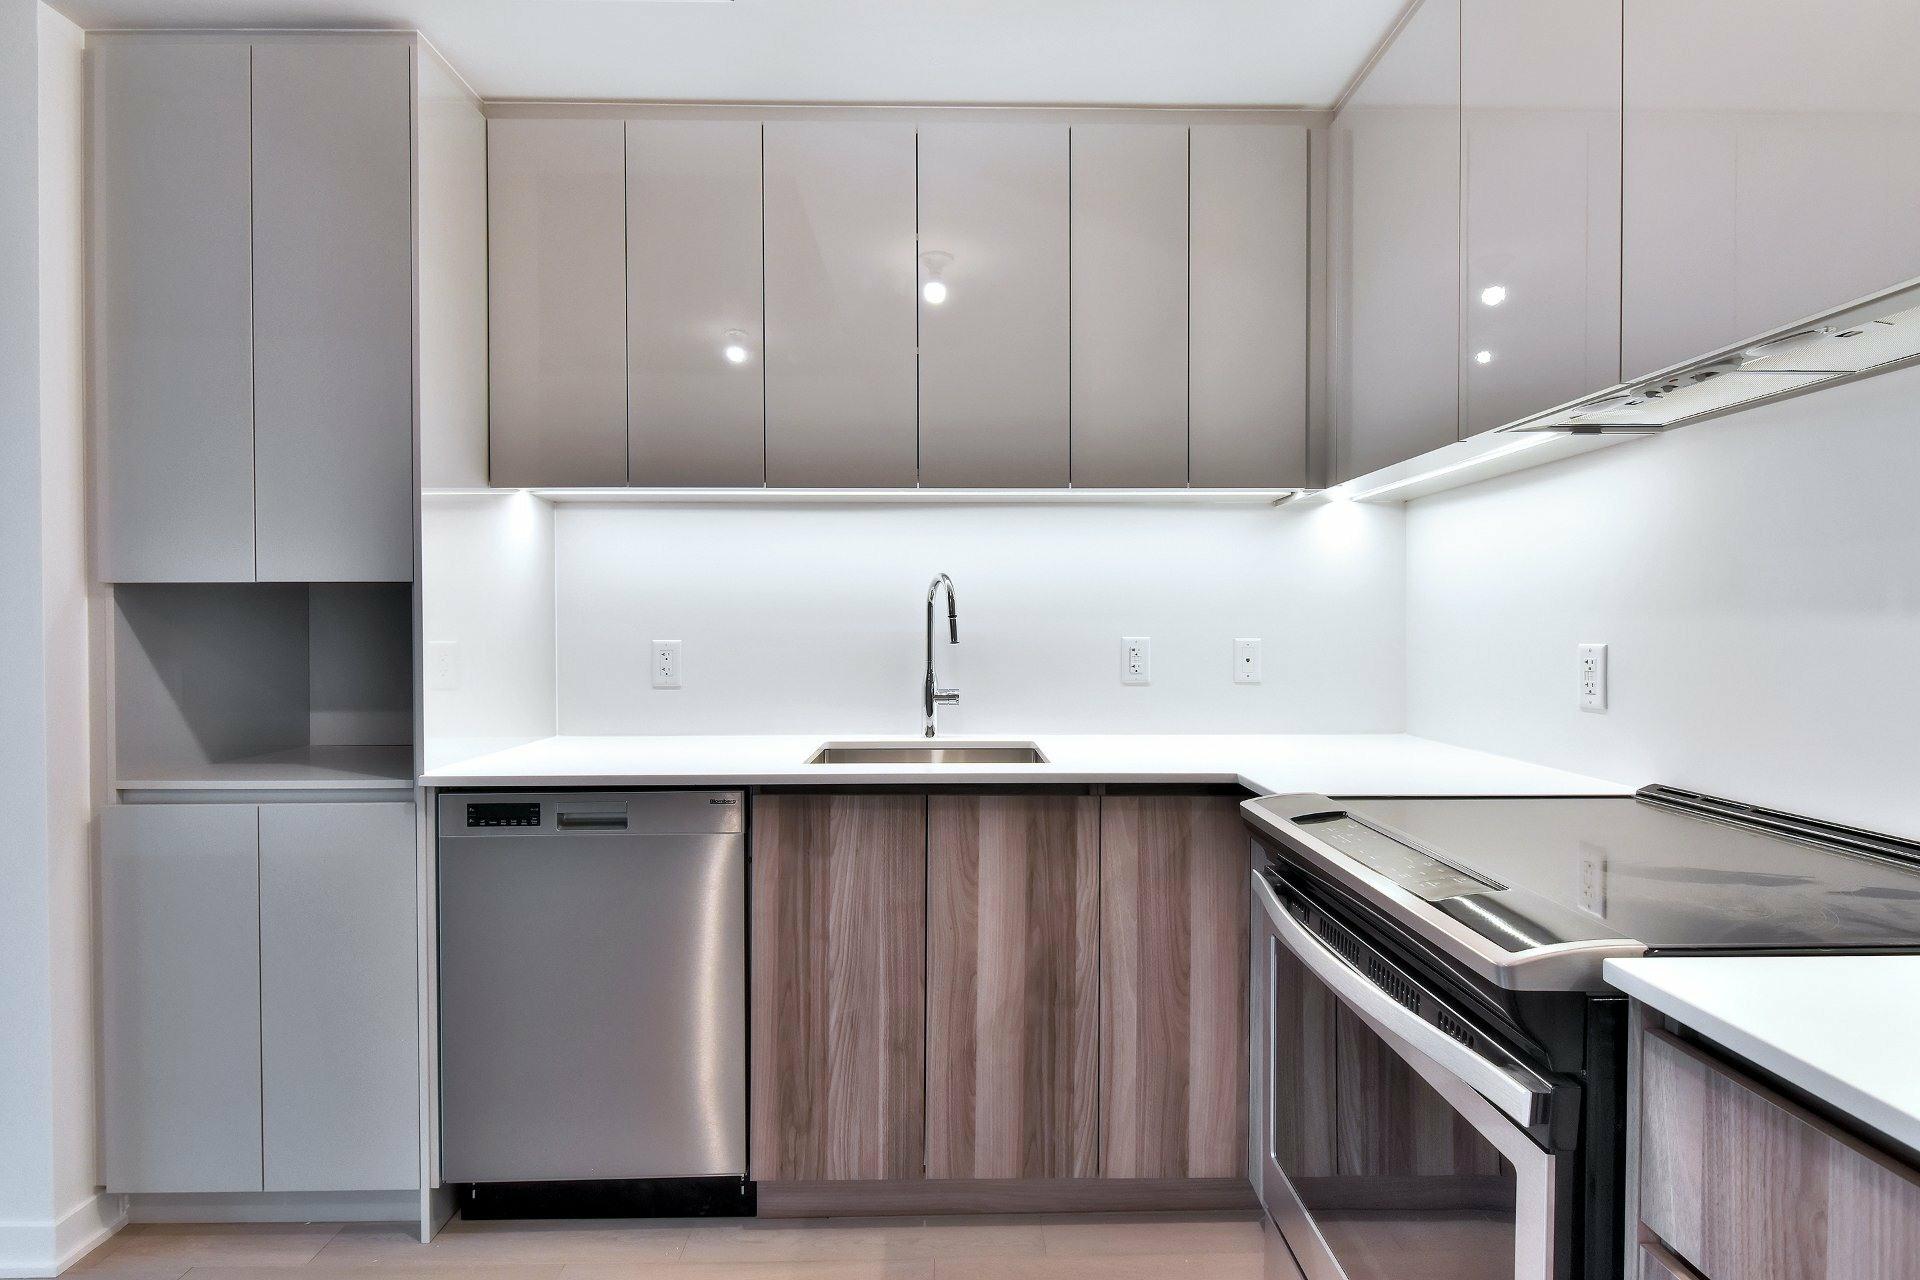 image 4 - Appartement À louer Brossard - 4 pièces